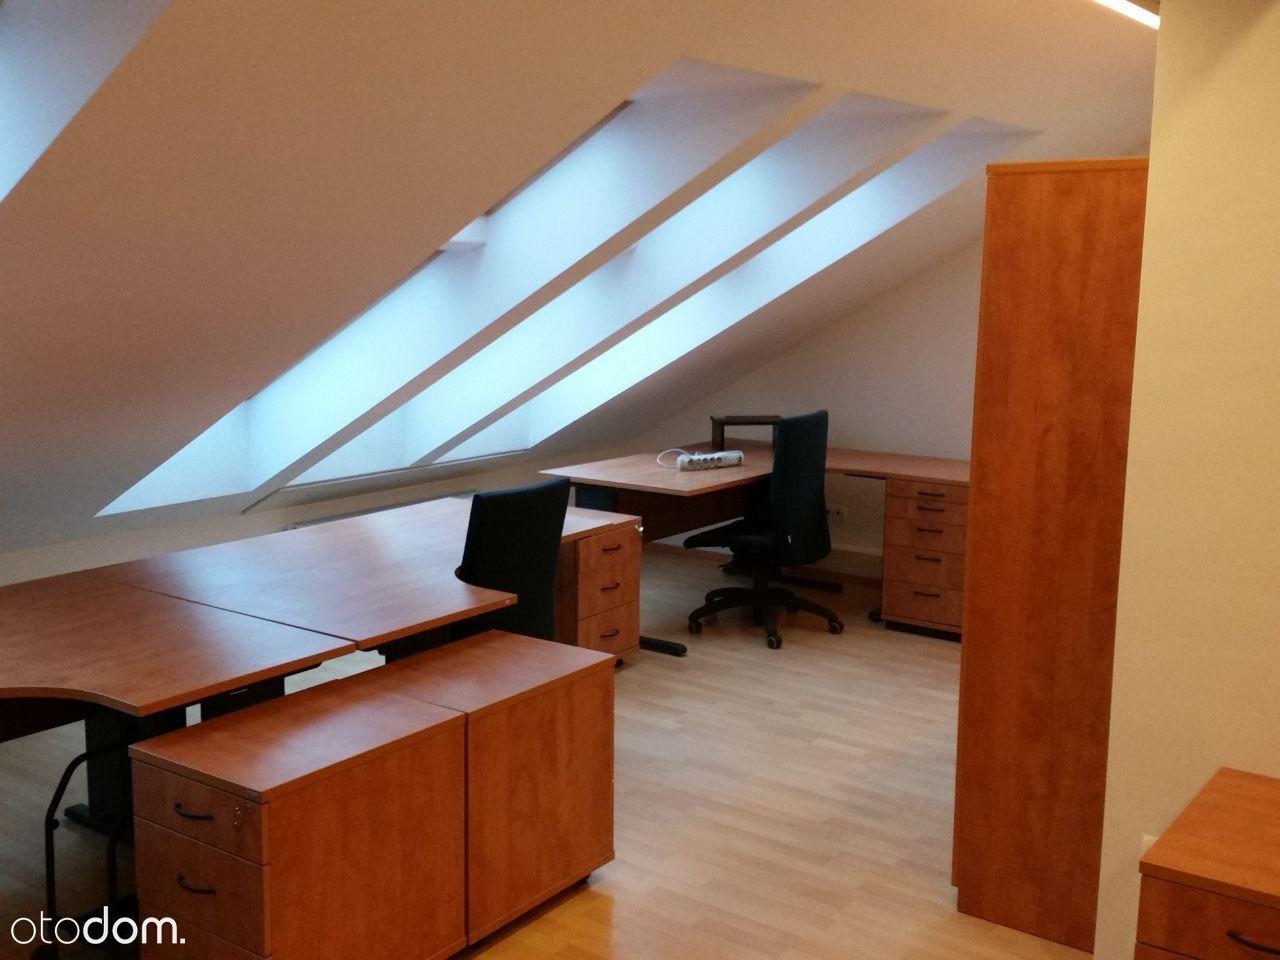 Lokal biurowy do wynajęcia Kraków 38 m2 Bronowice